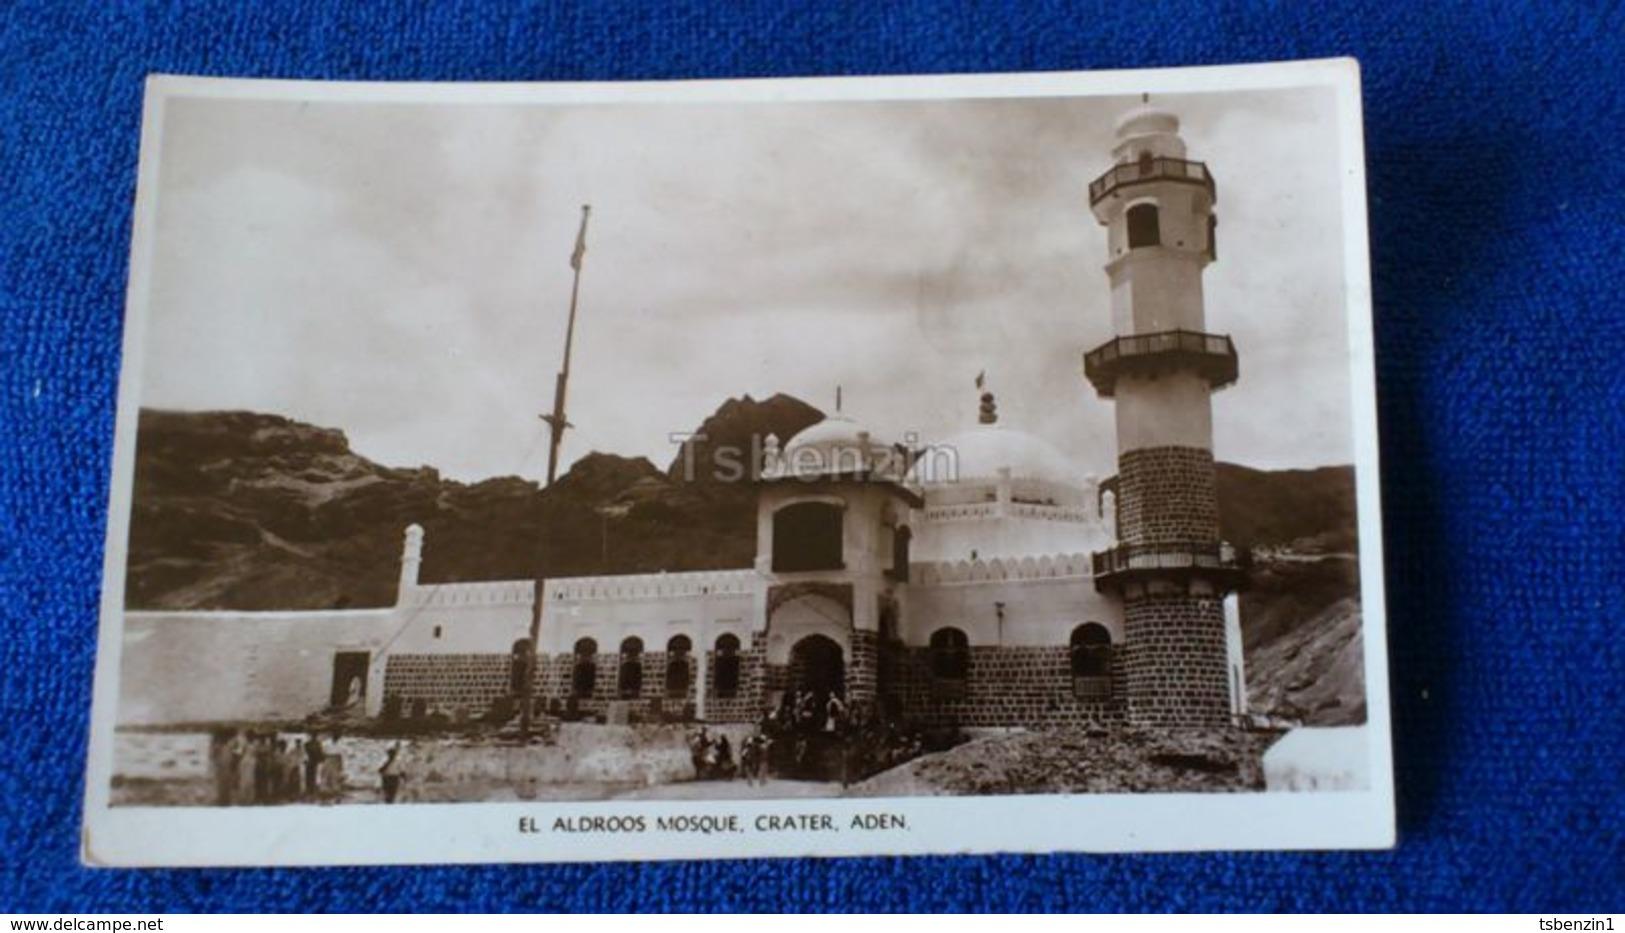 El Aldroos Mosque. Crater, Aden Yemen - Yemen